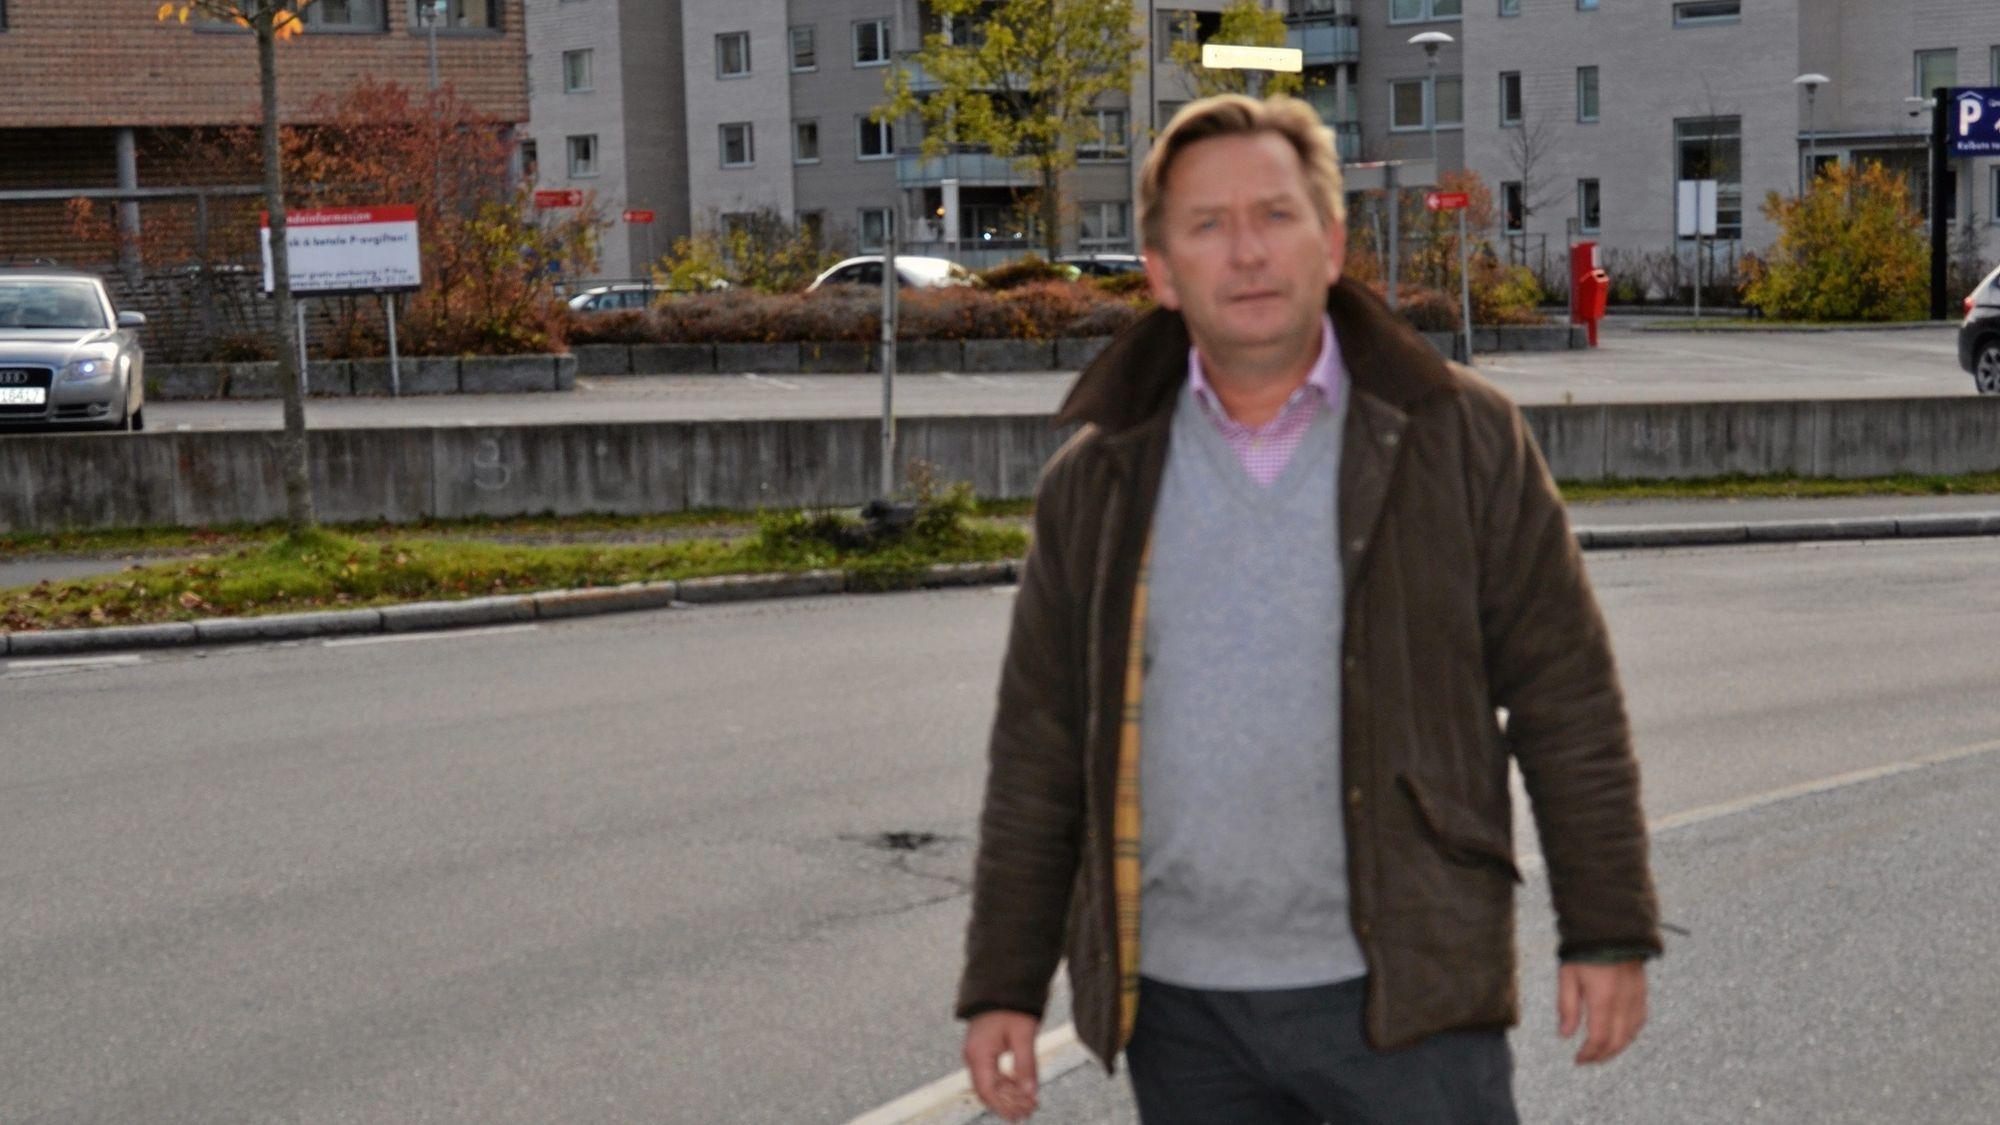 FORESLÅR: Anders Foss foreslår å erstatte dagens bygg med en høyblokk på åtte etasjer med en tilbaketrukket toppetasje og to kjelleretasjer.